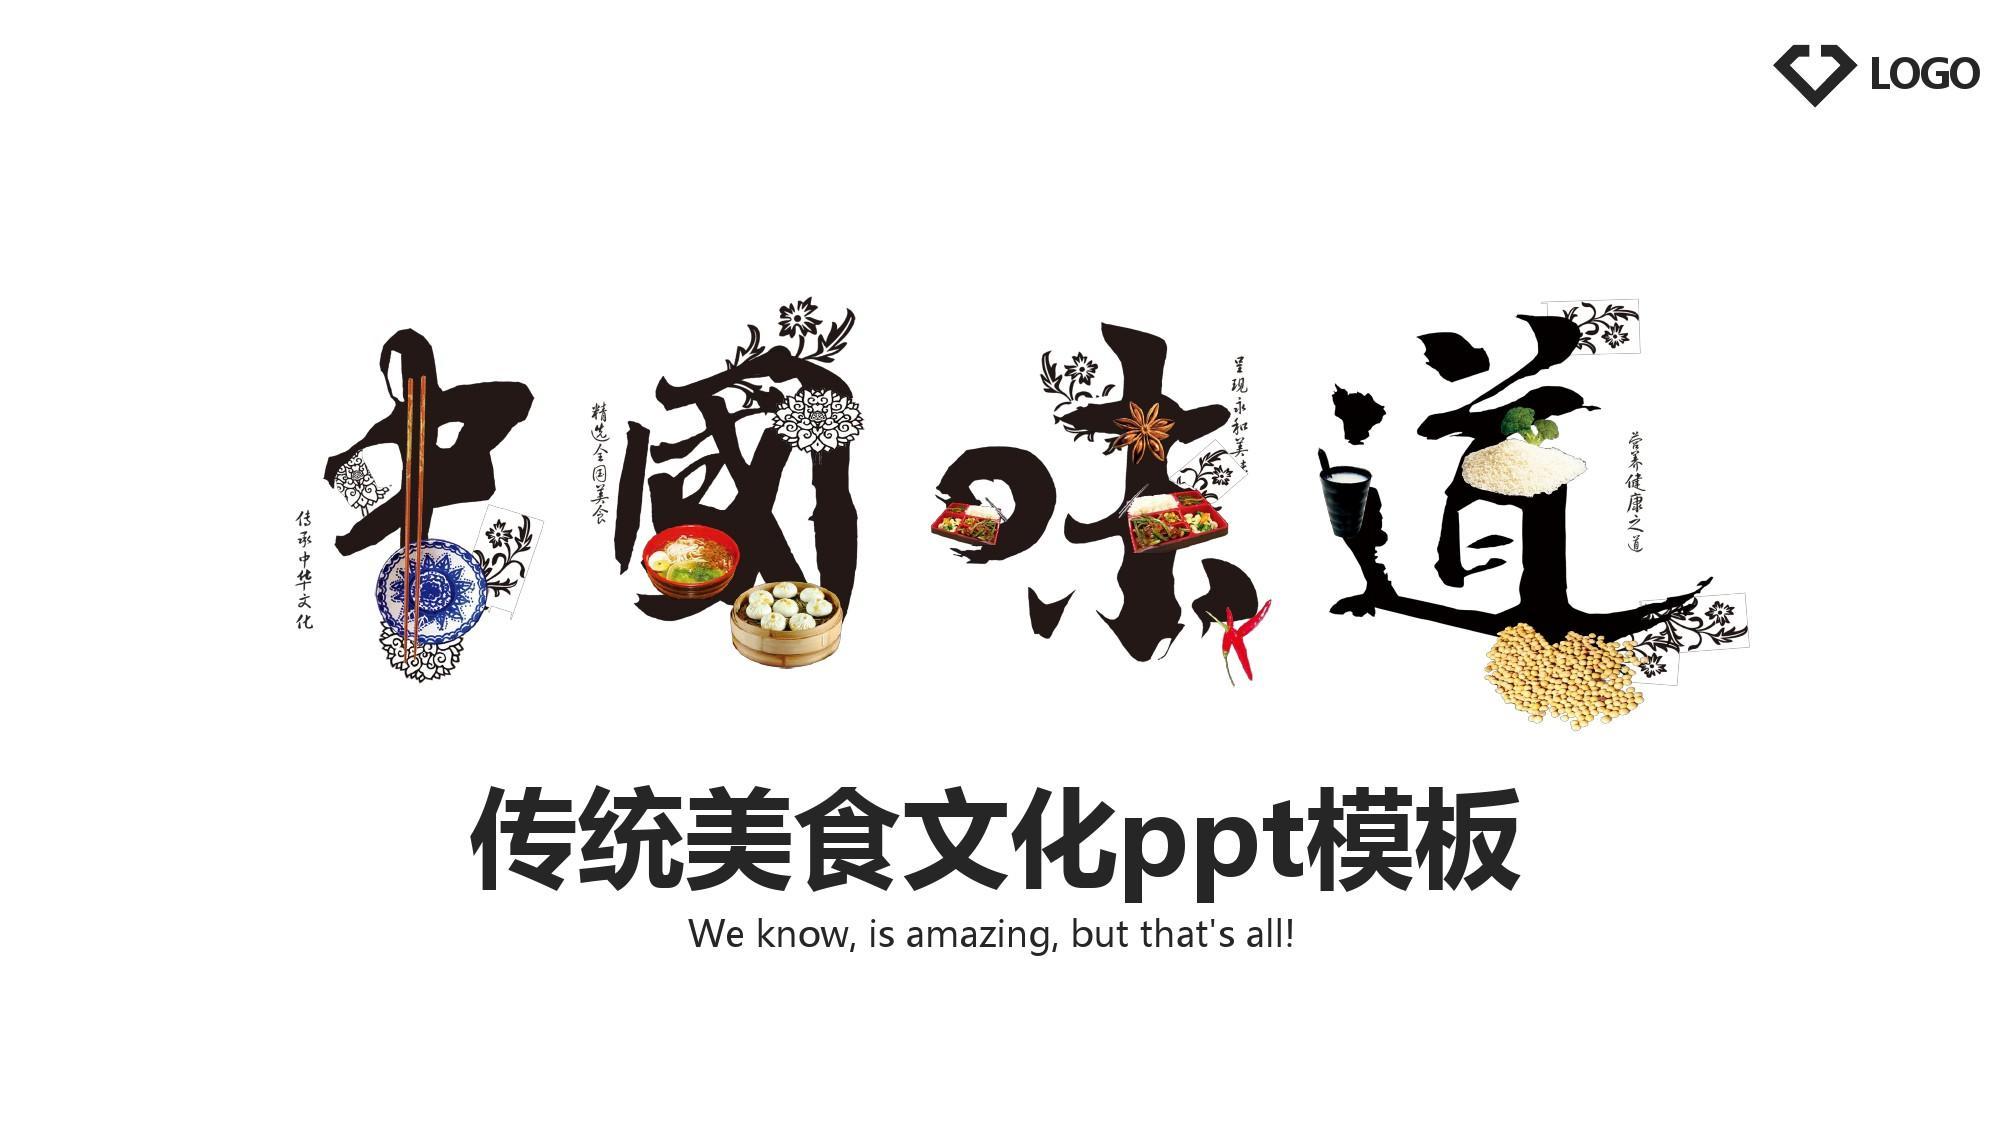 小学生美食节ppt百度文库美食做的豆腐图片